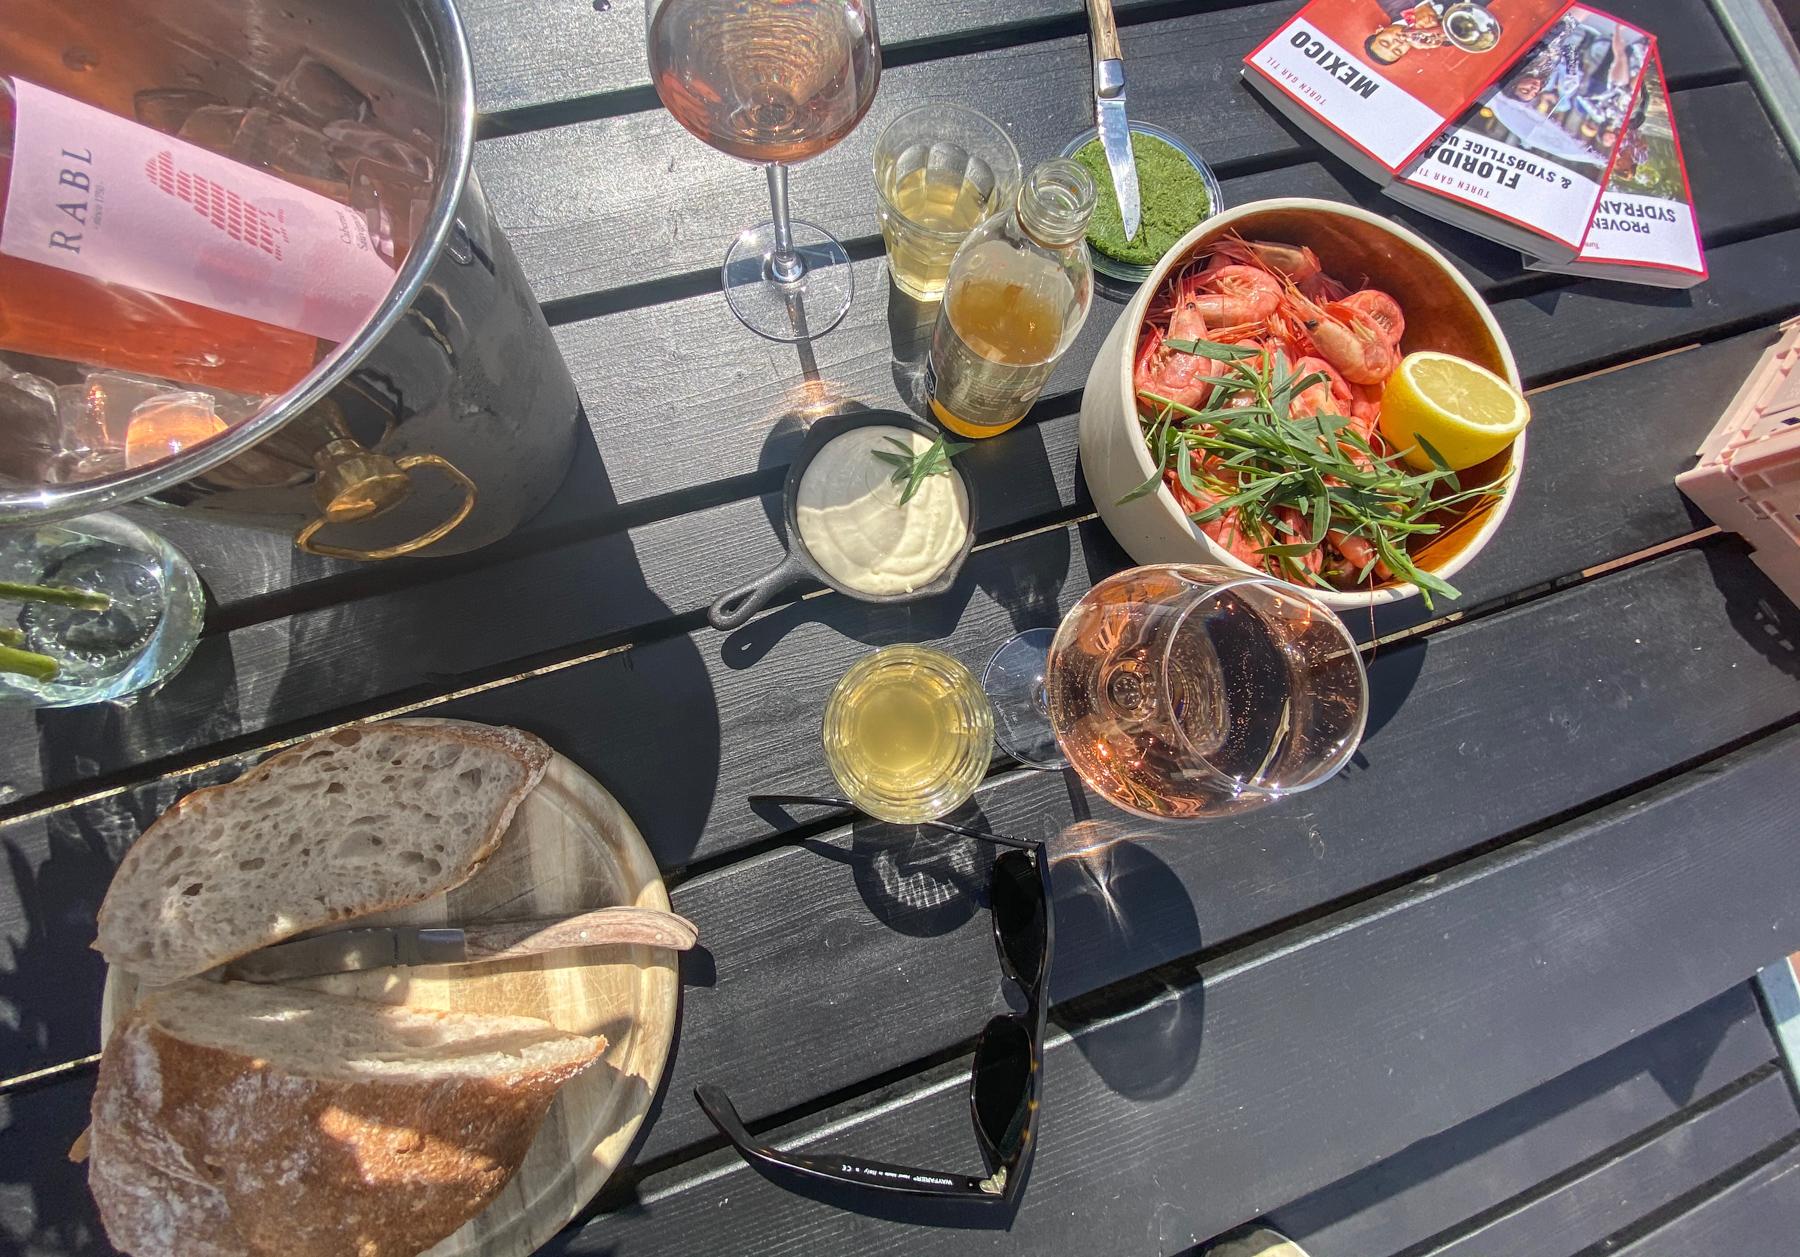 Spiselauget laver sommerferietilbud: Rejegilde, taco-tirsdage, moules-onsdage, ribs & slaw eller paella & sangria